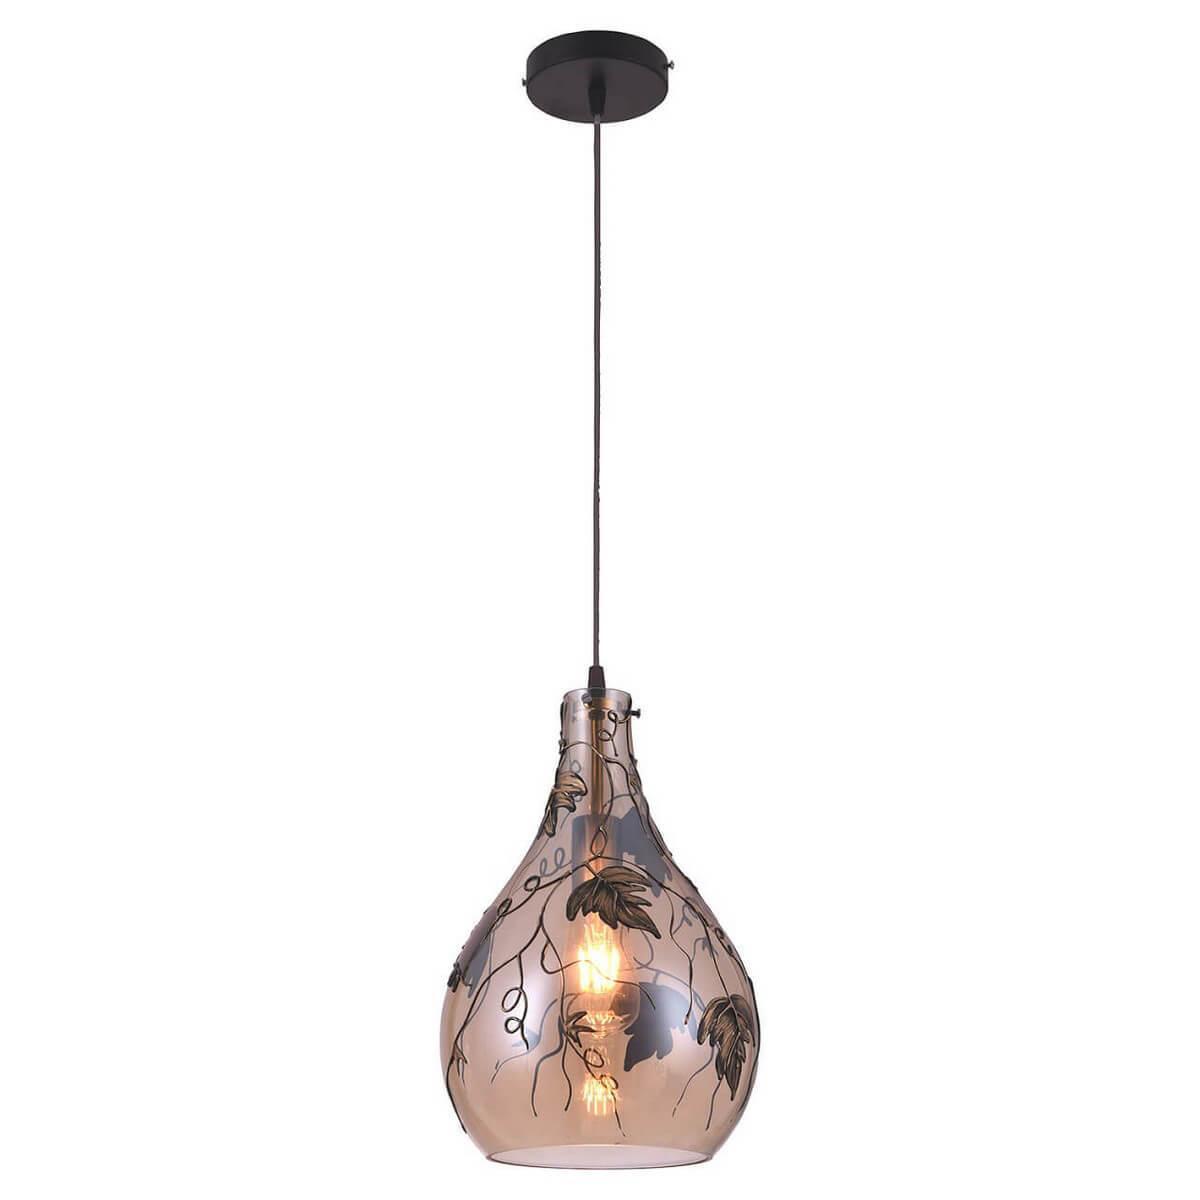 Подвесной светильник Lussole GRLSP-9987, E27, 11 Вт